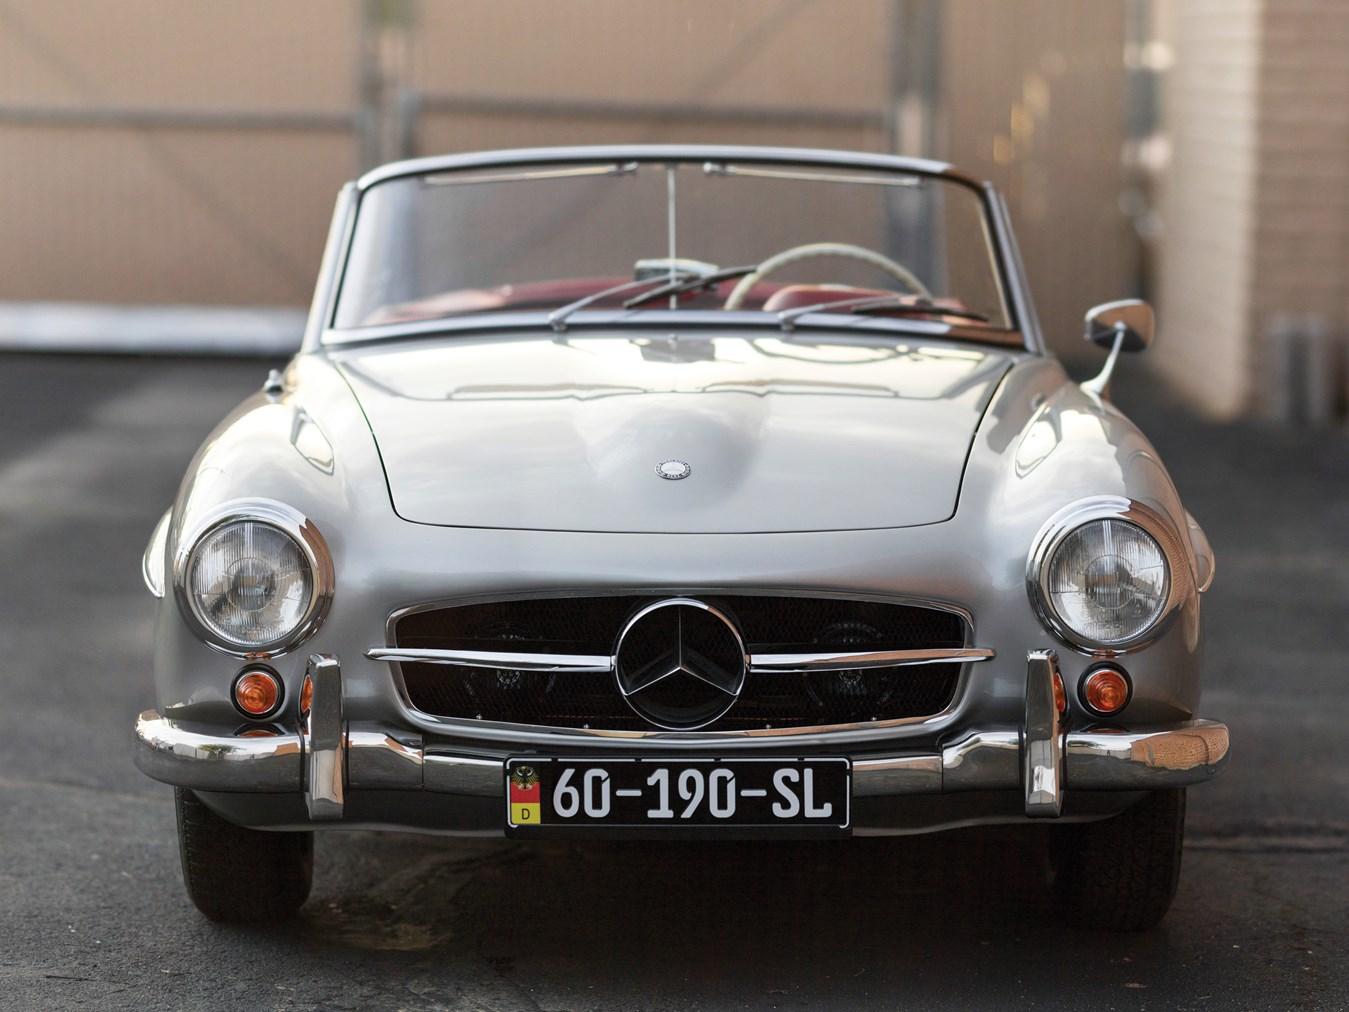 1960 Mercedes-Benz 190 SL